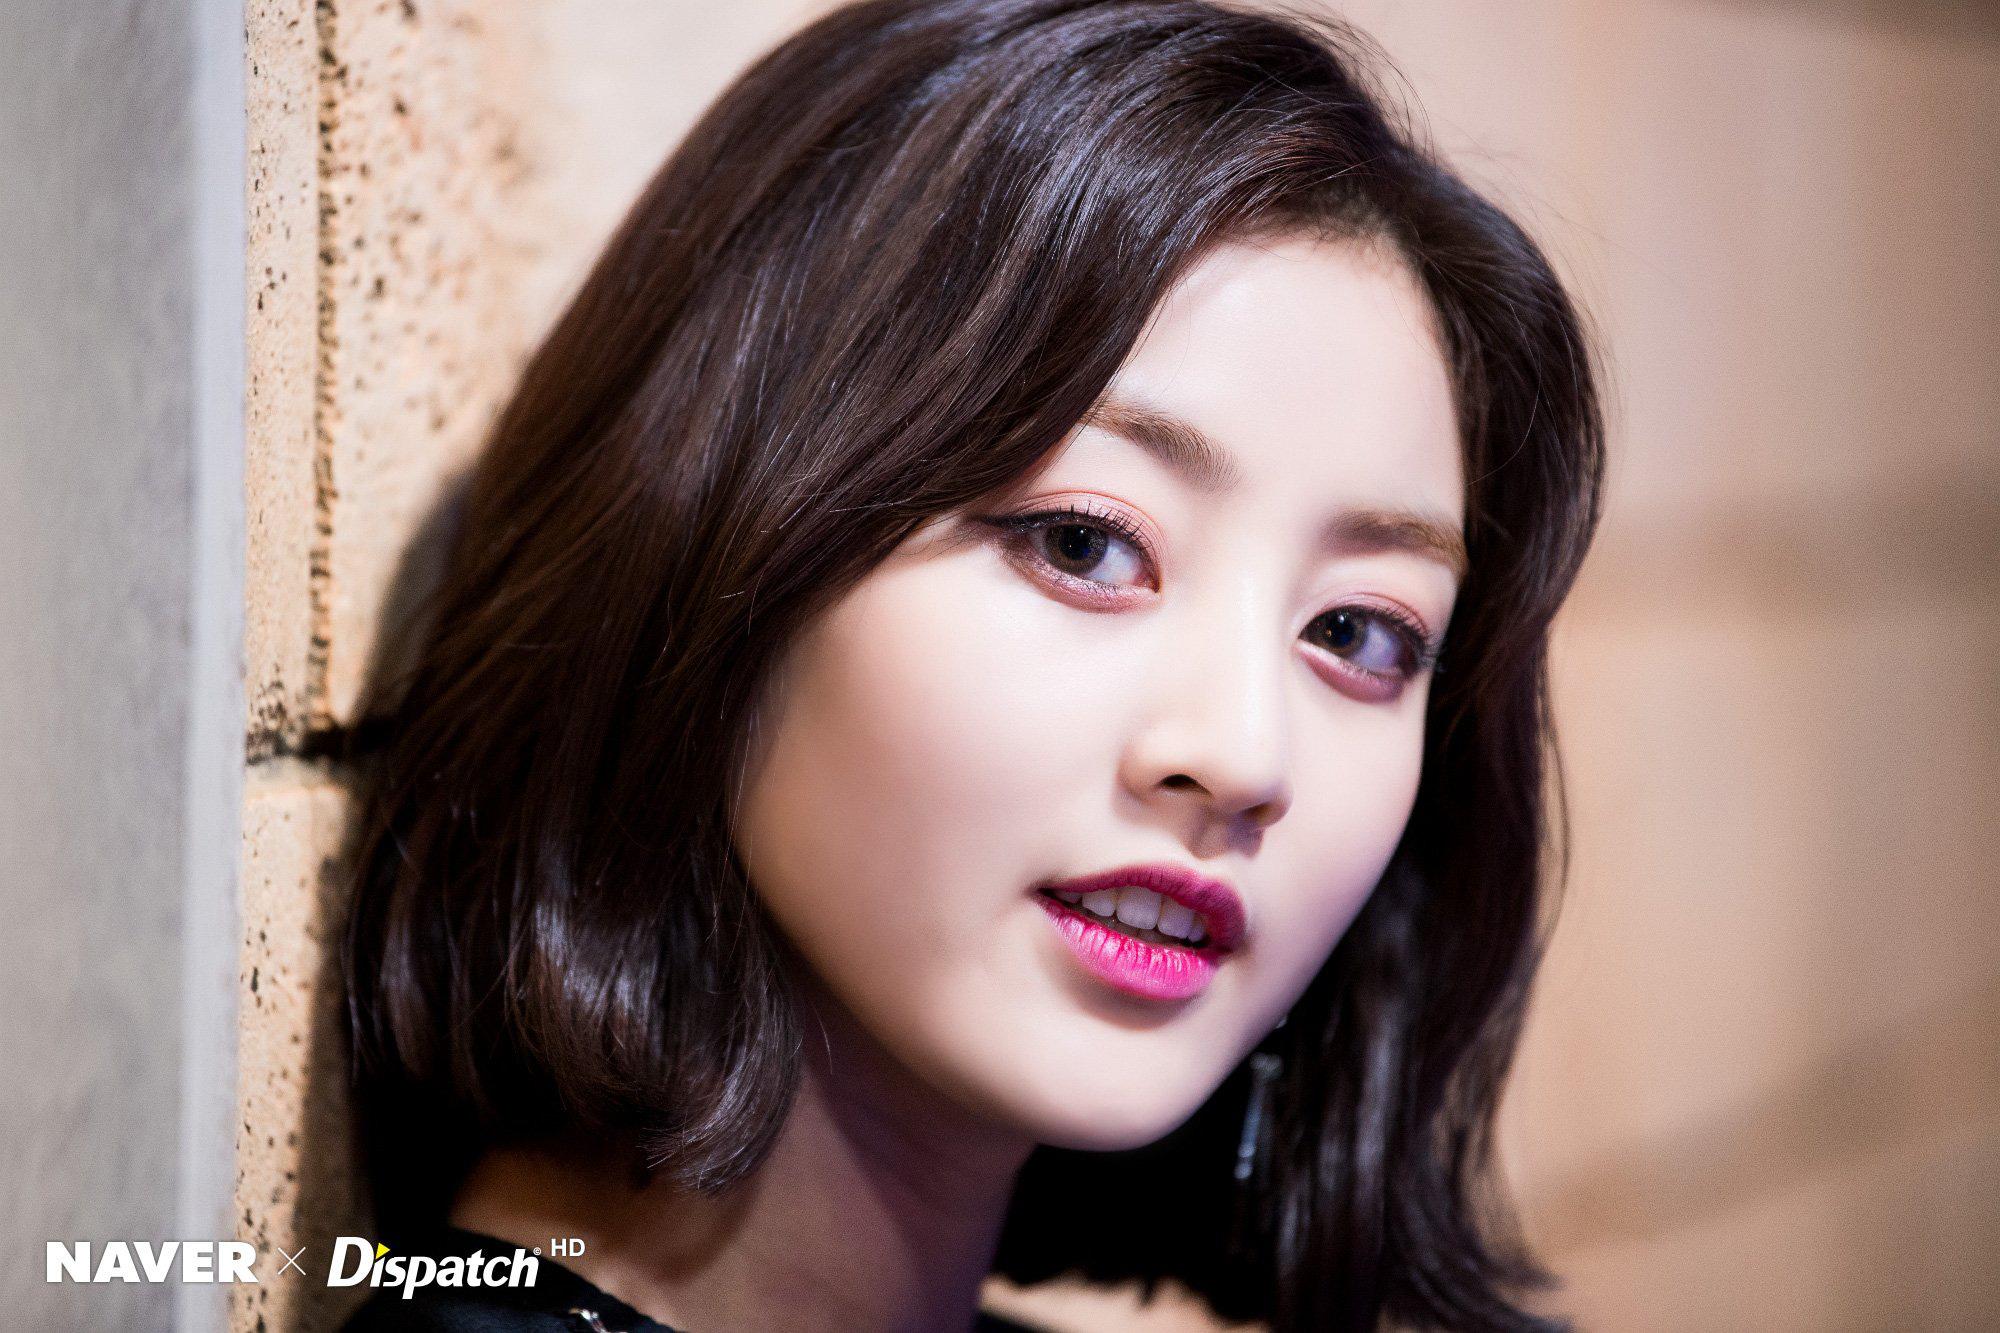 Chuyên gia trang điểm tiết lộ 2 nữ idol đẹp hoàn hảo dù không makeup: Tzuyu lại gây tranh cãi vì mặt mộc, còn lại là ai? - Ảnh 7.